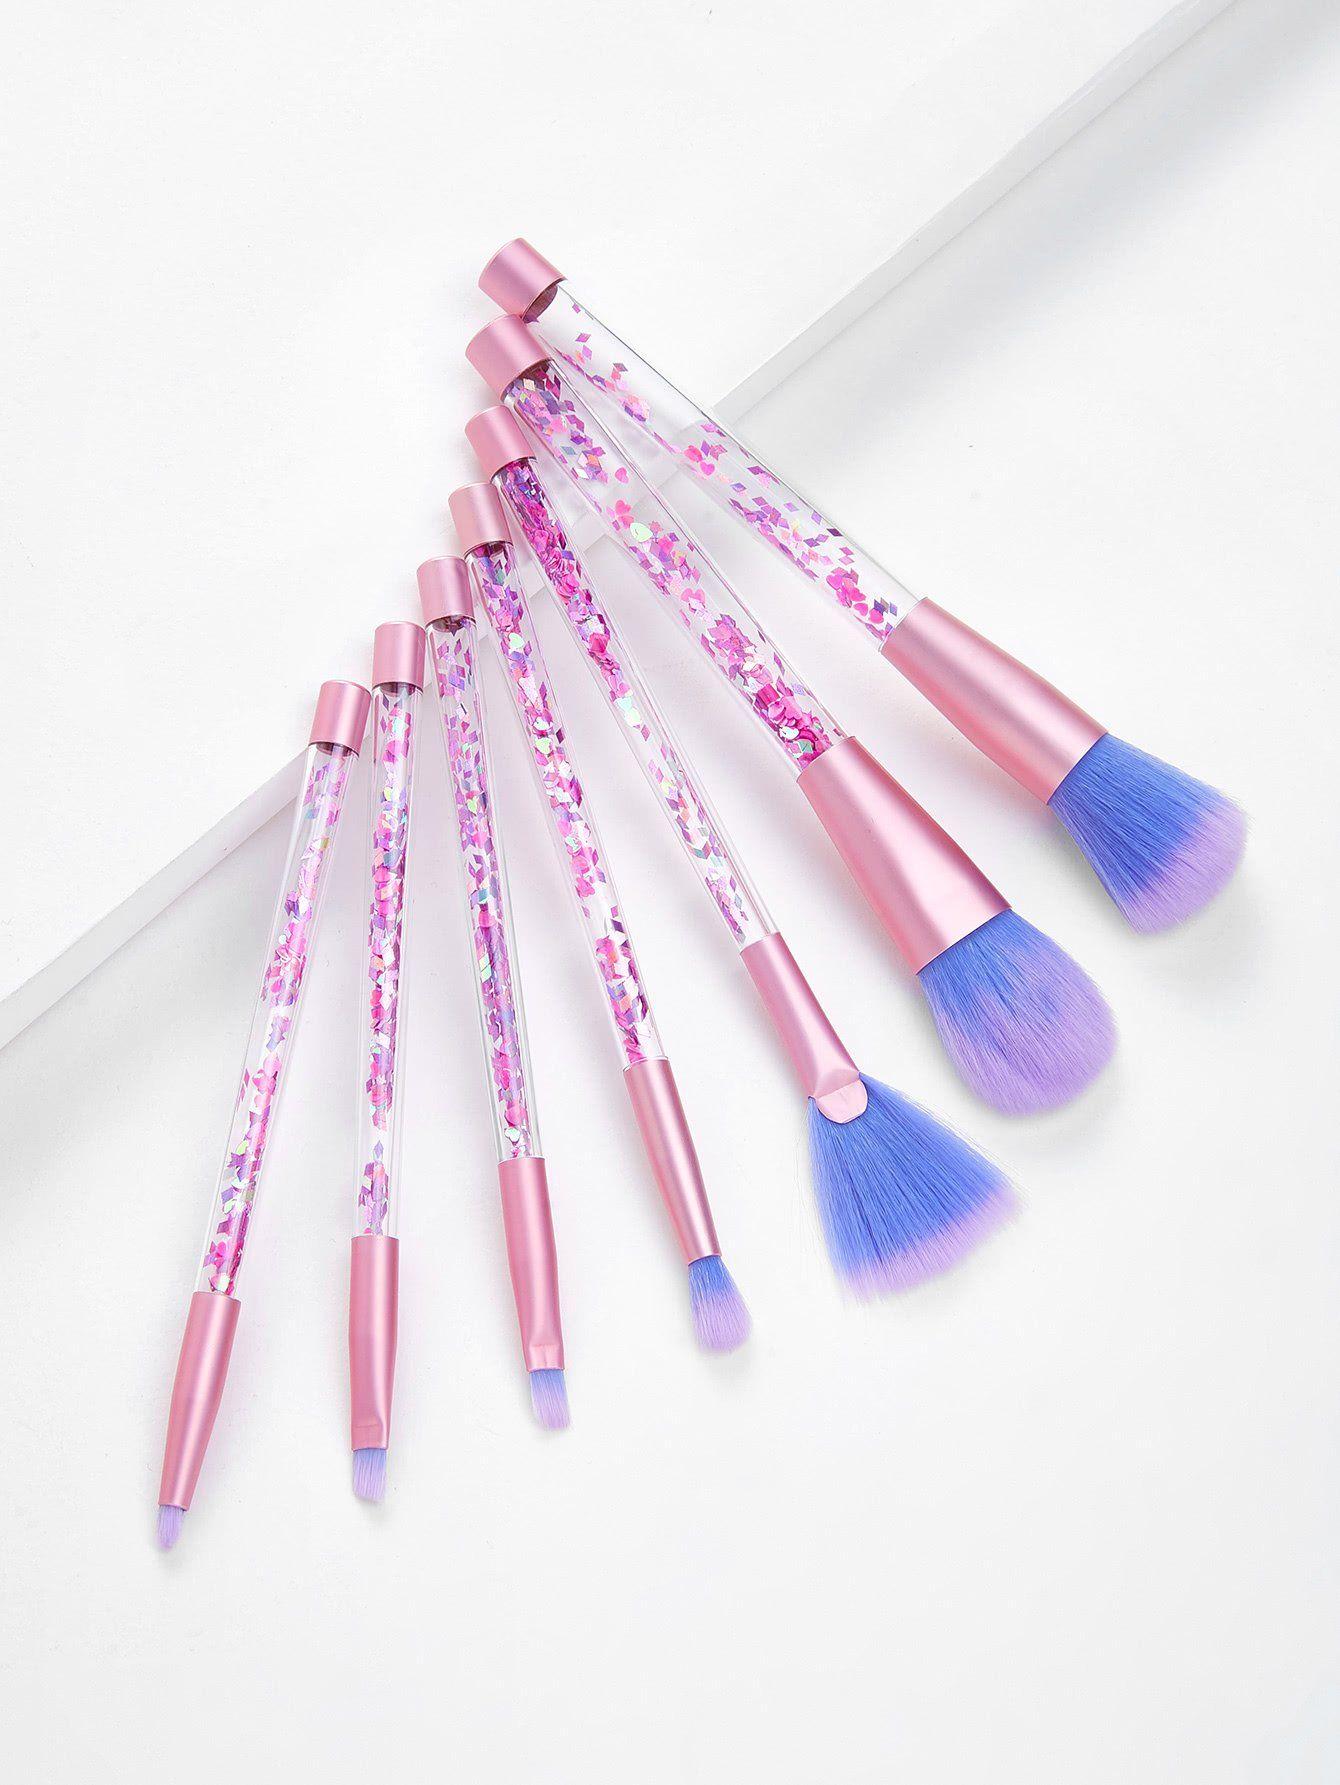 Quicksand Handle Makeup Brush Set 7pcs Makeup brush set